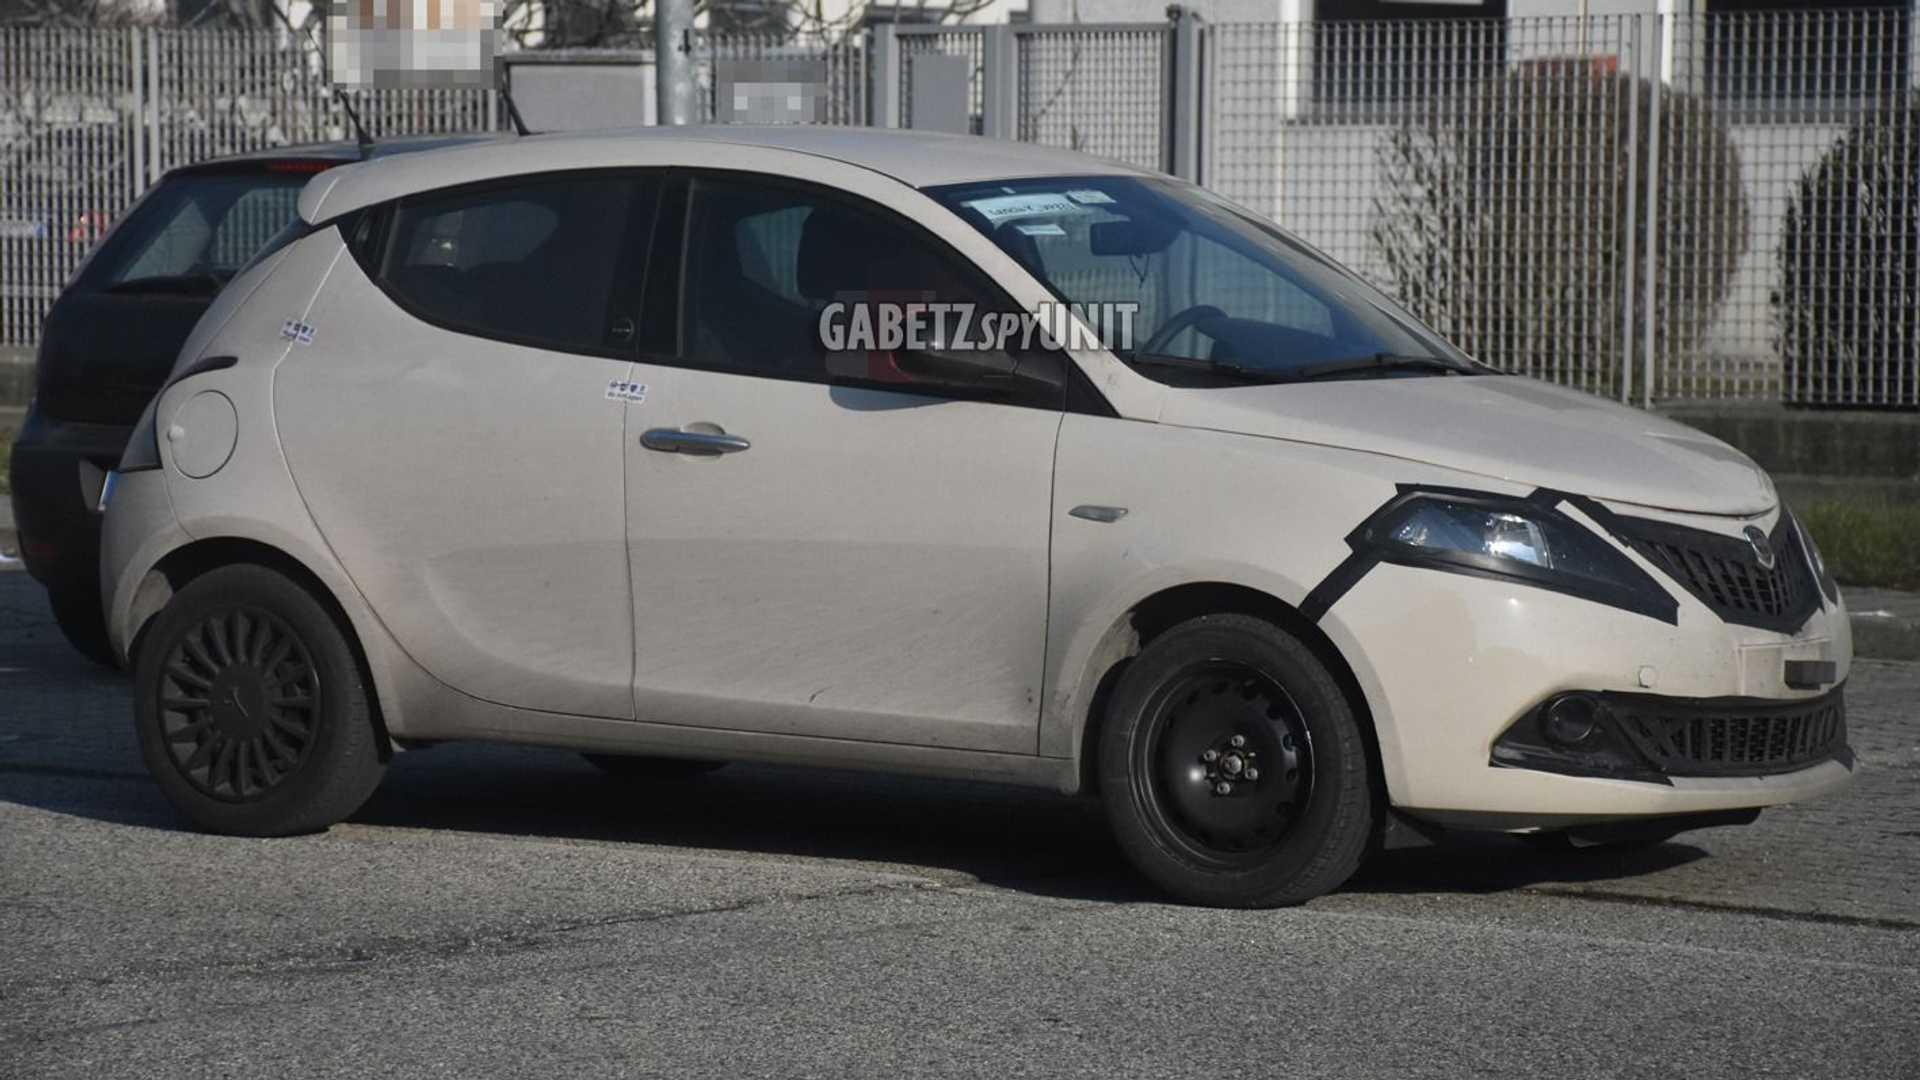 Шпионские фотографии Lancia Ypsilon 2021 года демонстрируют печальное состояние легендарного бренда